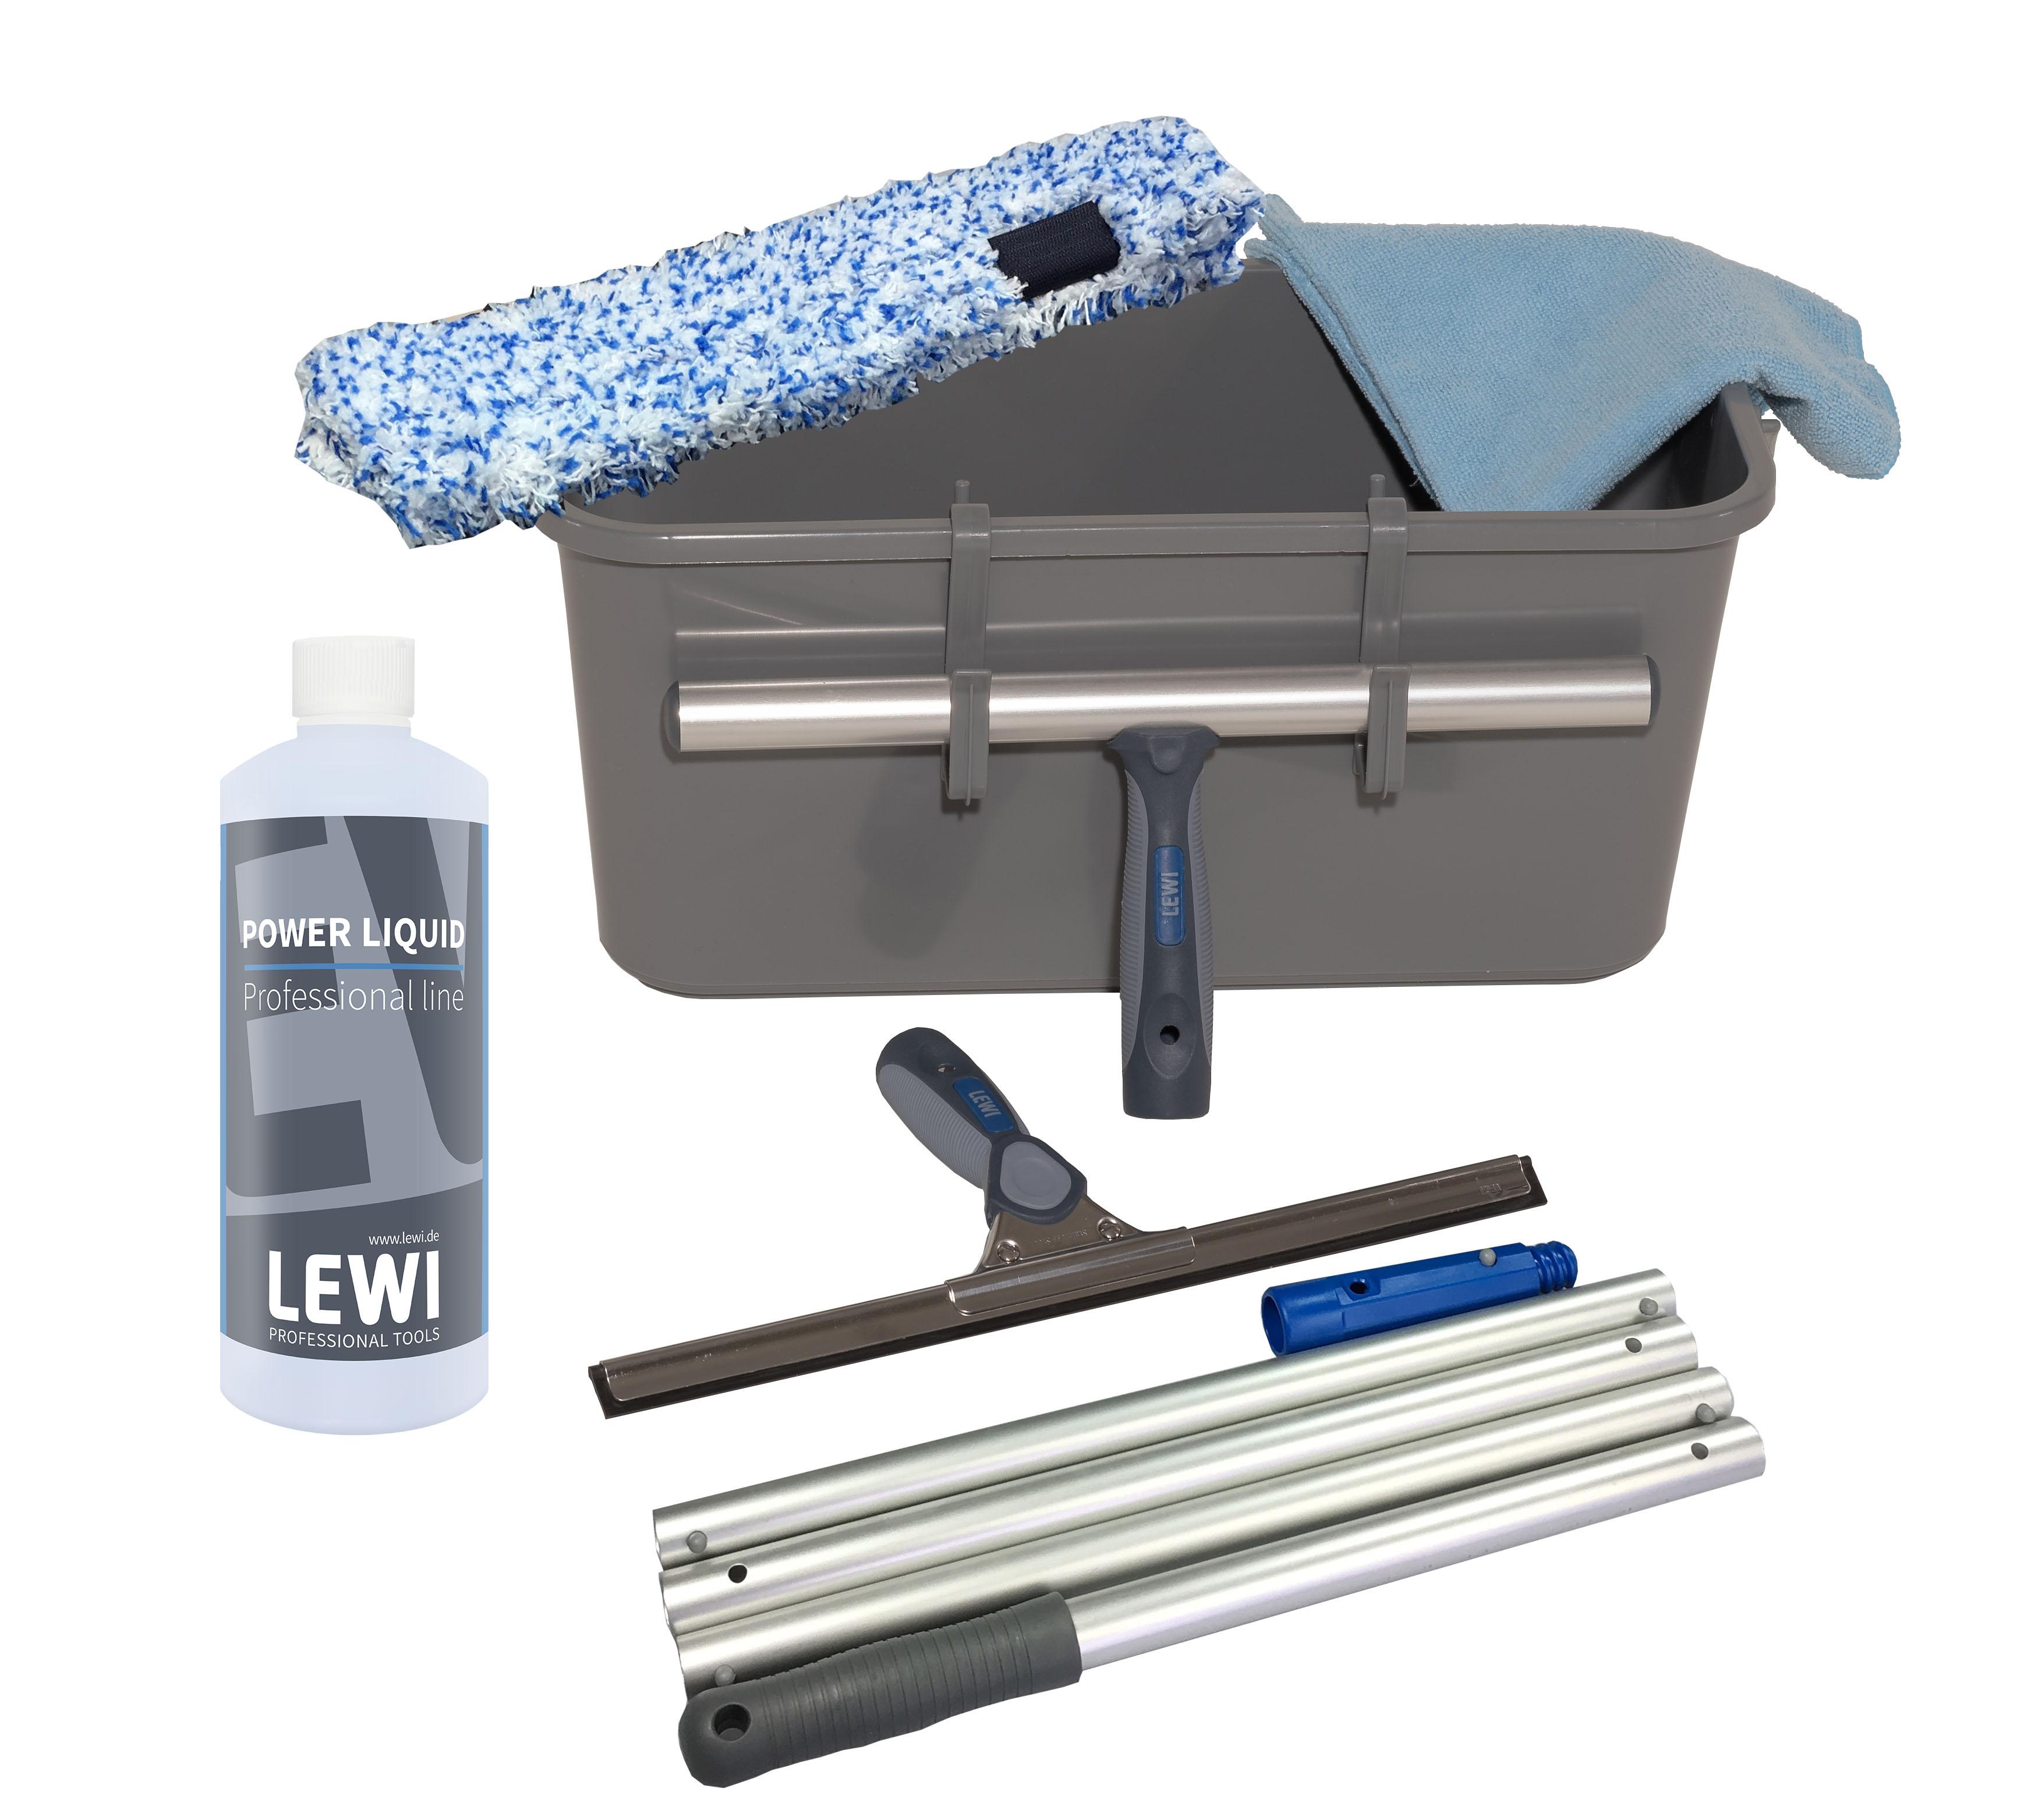 lewi easy clean fenster glas komplettset glasreinigungseimer sets glas. Black Bedroom Furniture Sets. Home Design Ideas